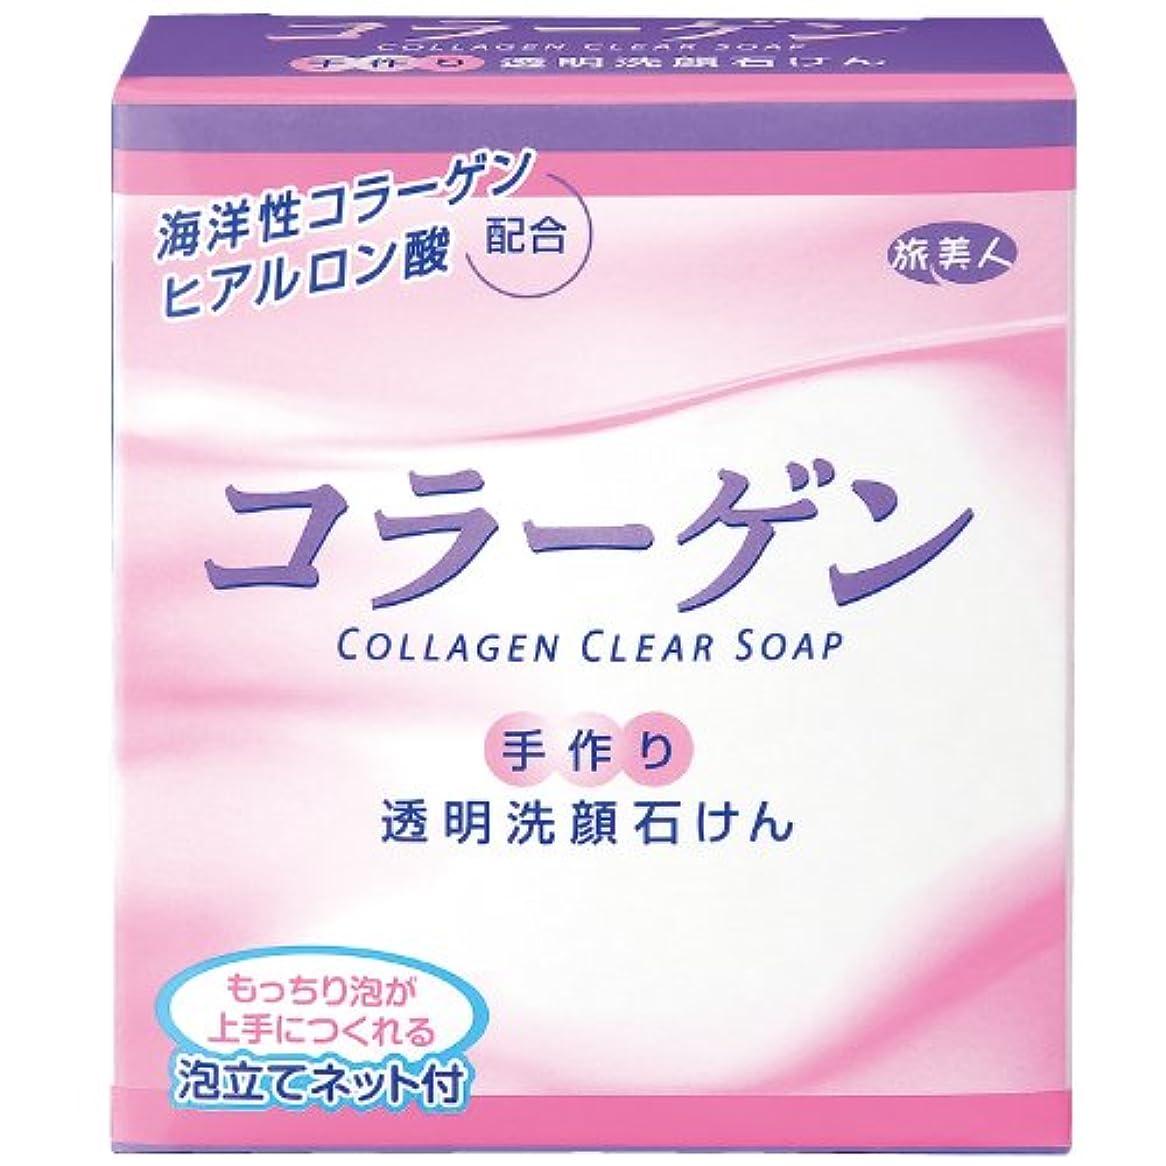 フレアみぞれタイプライターアズマ商事の コラーゲン透明洗顔石鹸 手作り